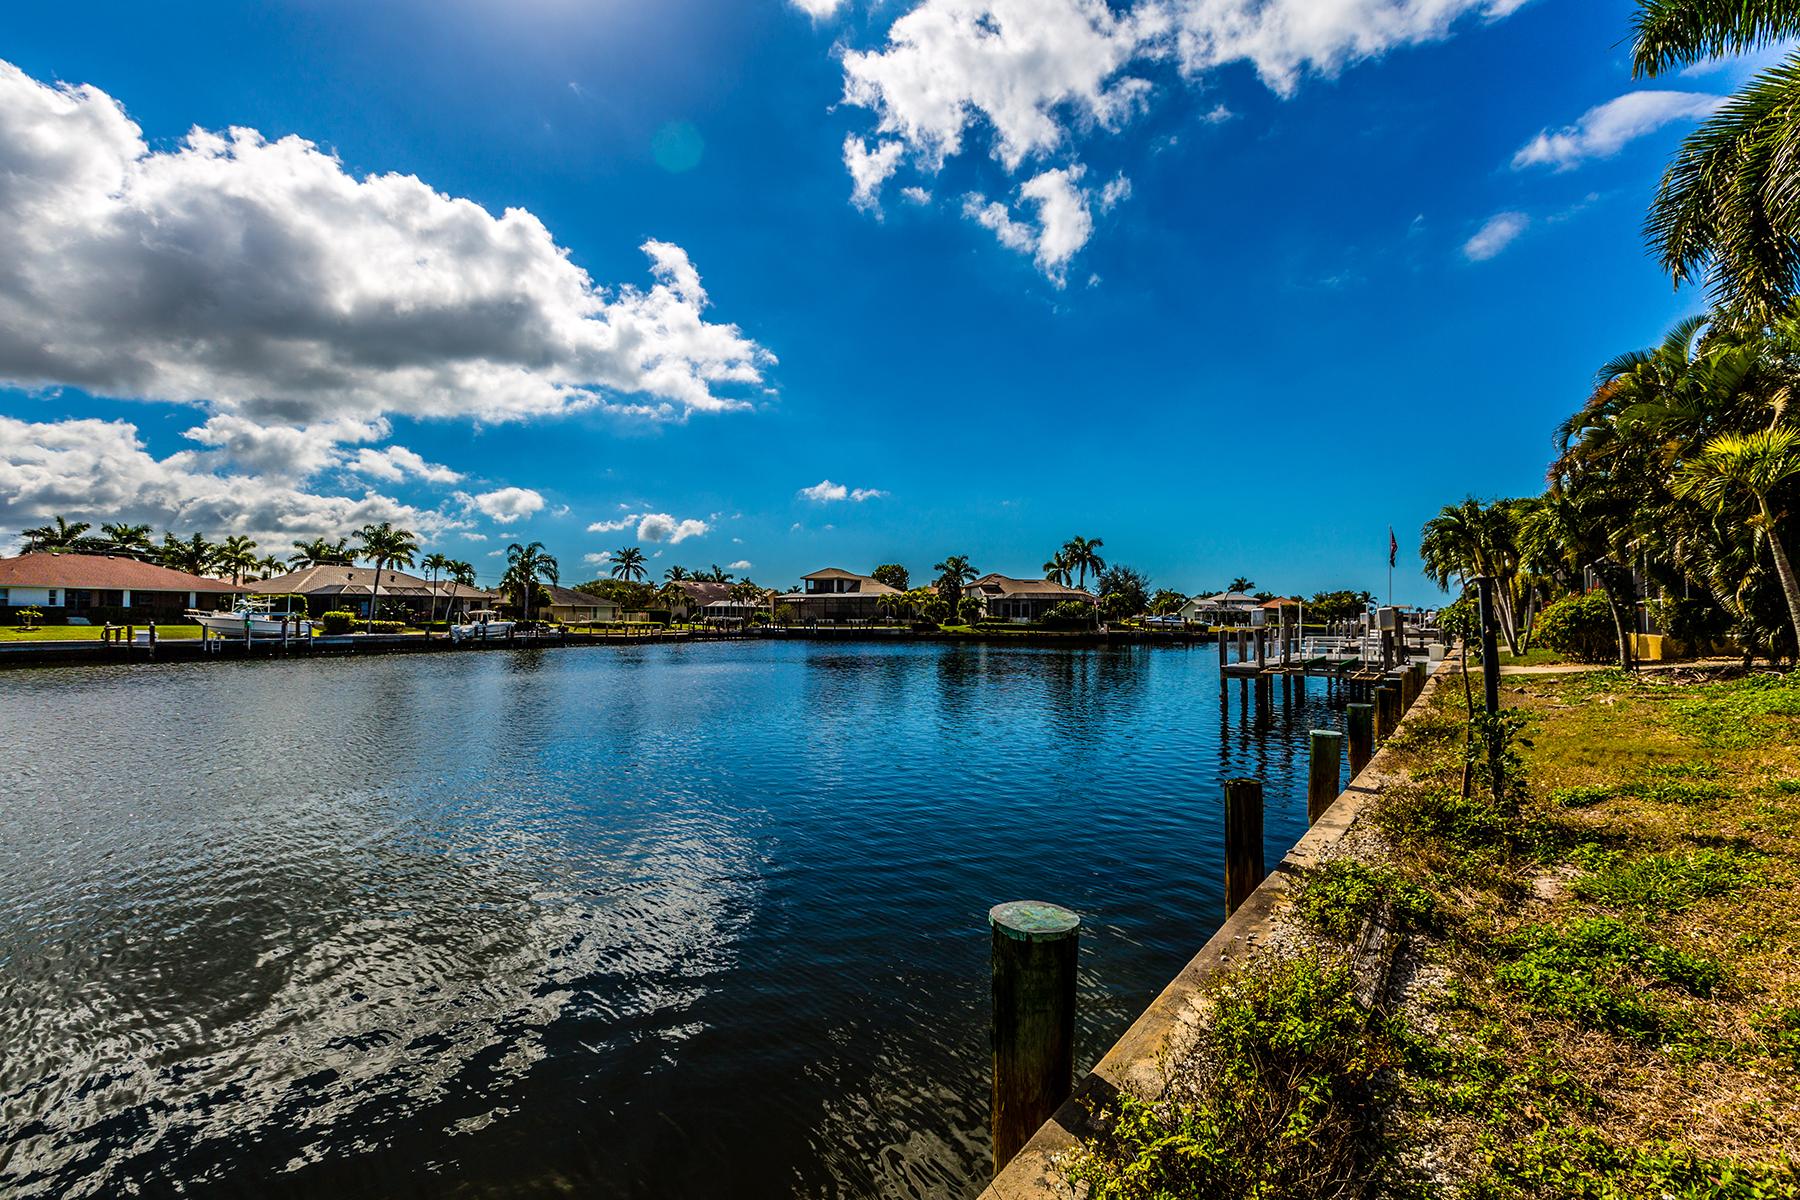 Terreno per Vendita alle ore MARCO ISLAND - GULFPORT COURT 189 Gulfport Ct Marco Island, Florida, 34145 Stati Uniti